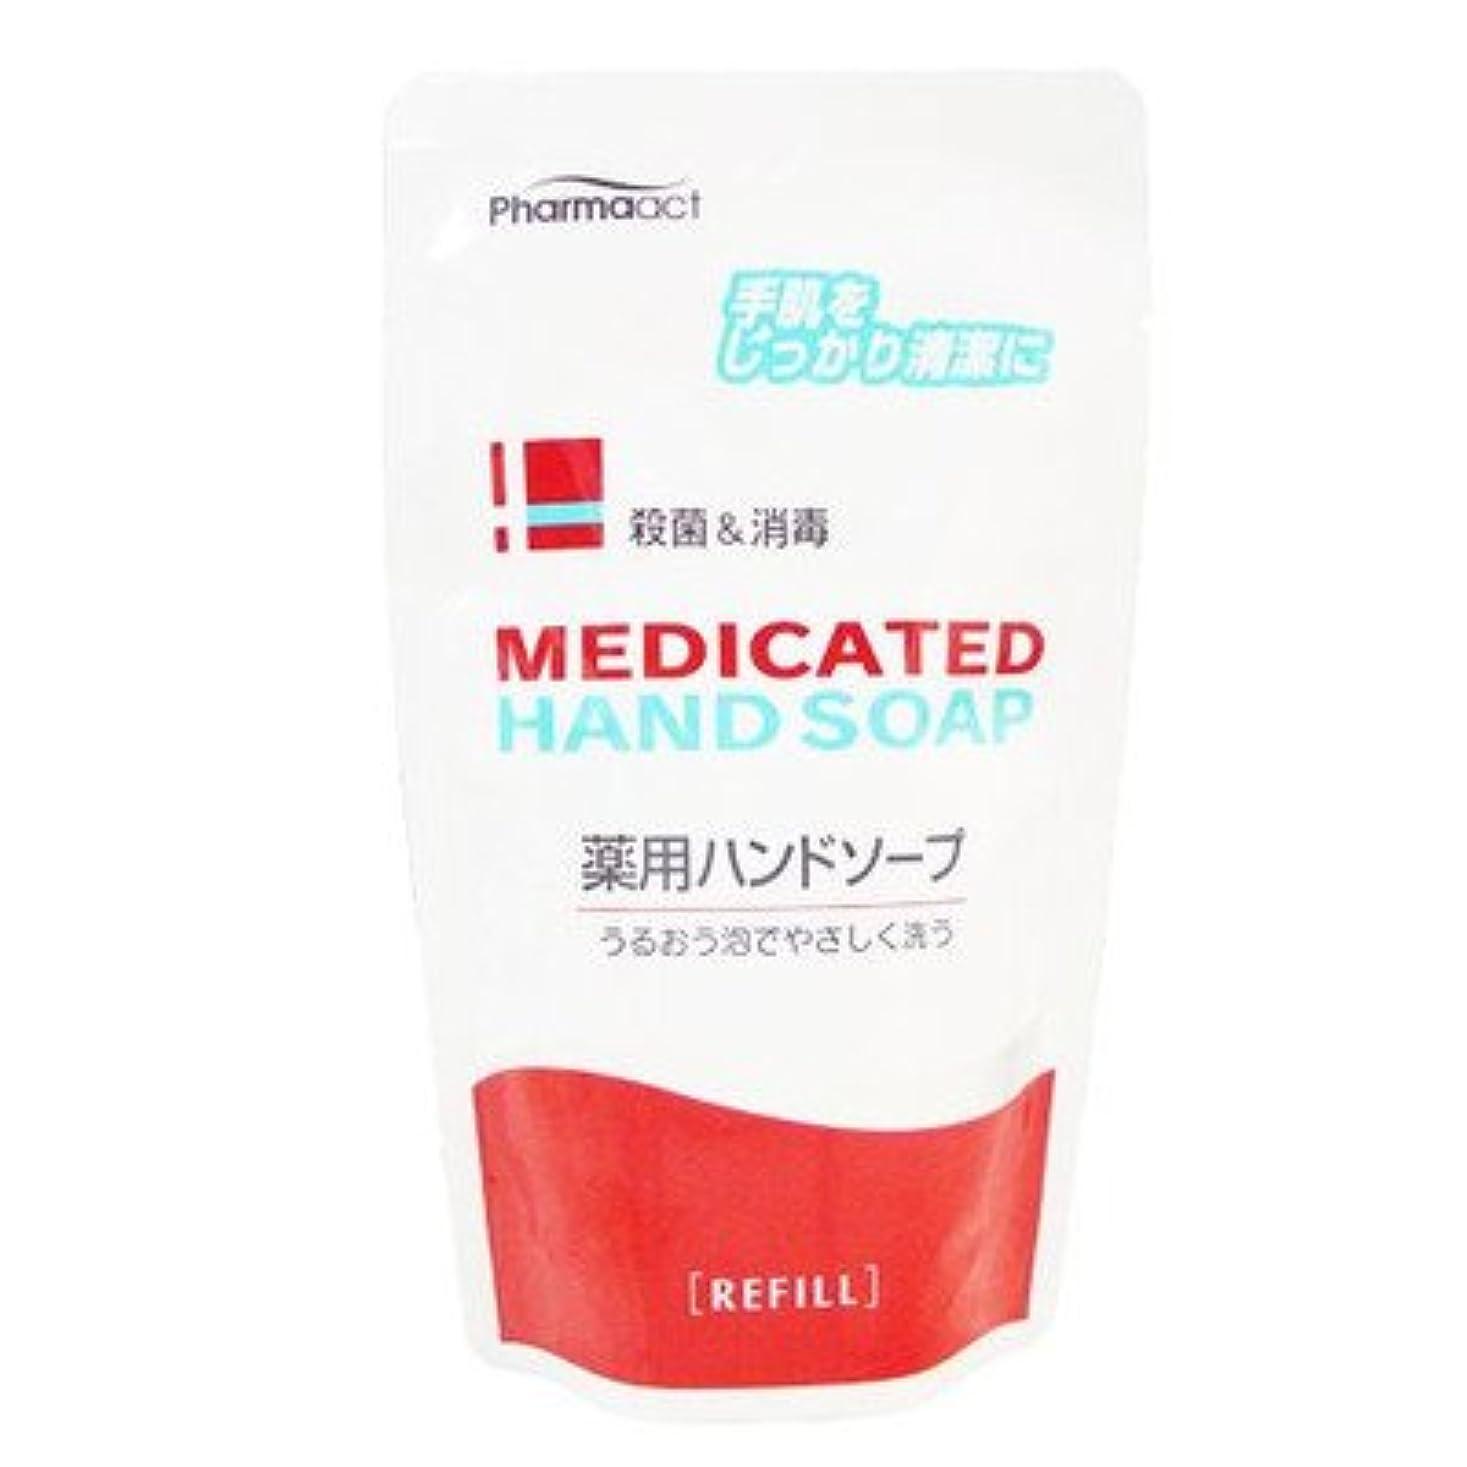 疑問を超えてヤング装置Medicated 薬用ハンドソープ 殺菌+消毒 200ml【つめかえ用】(医薬部外品)